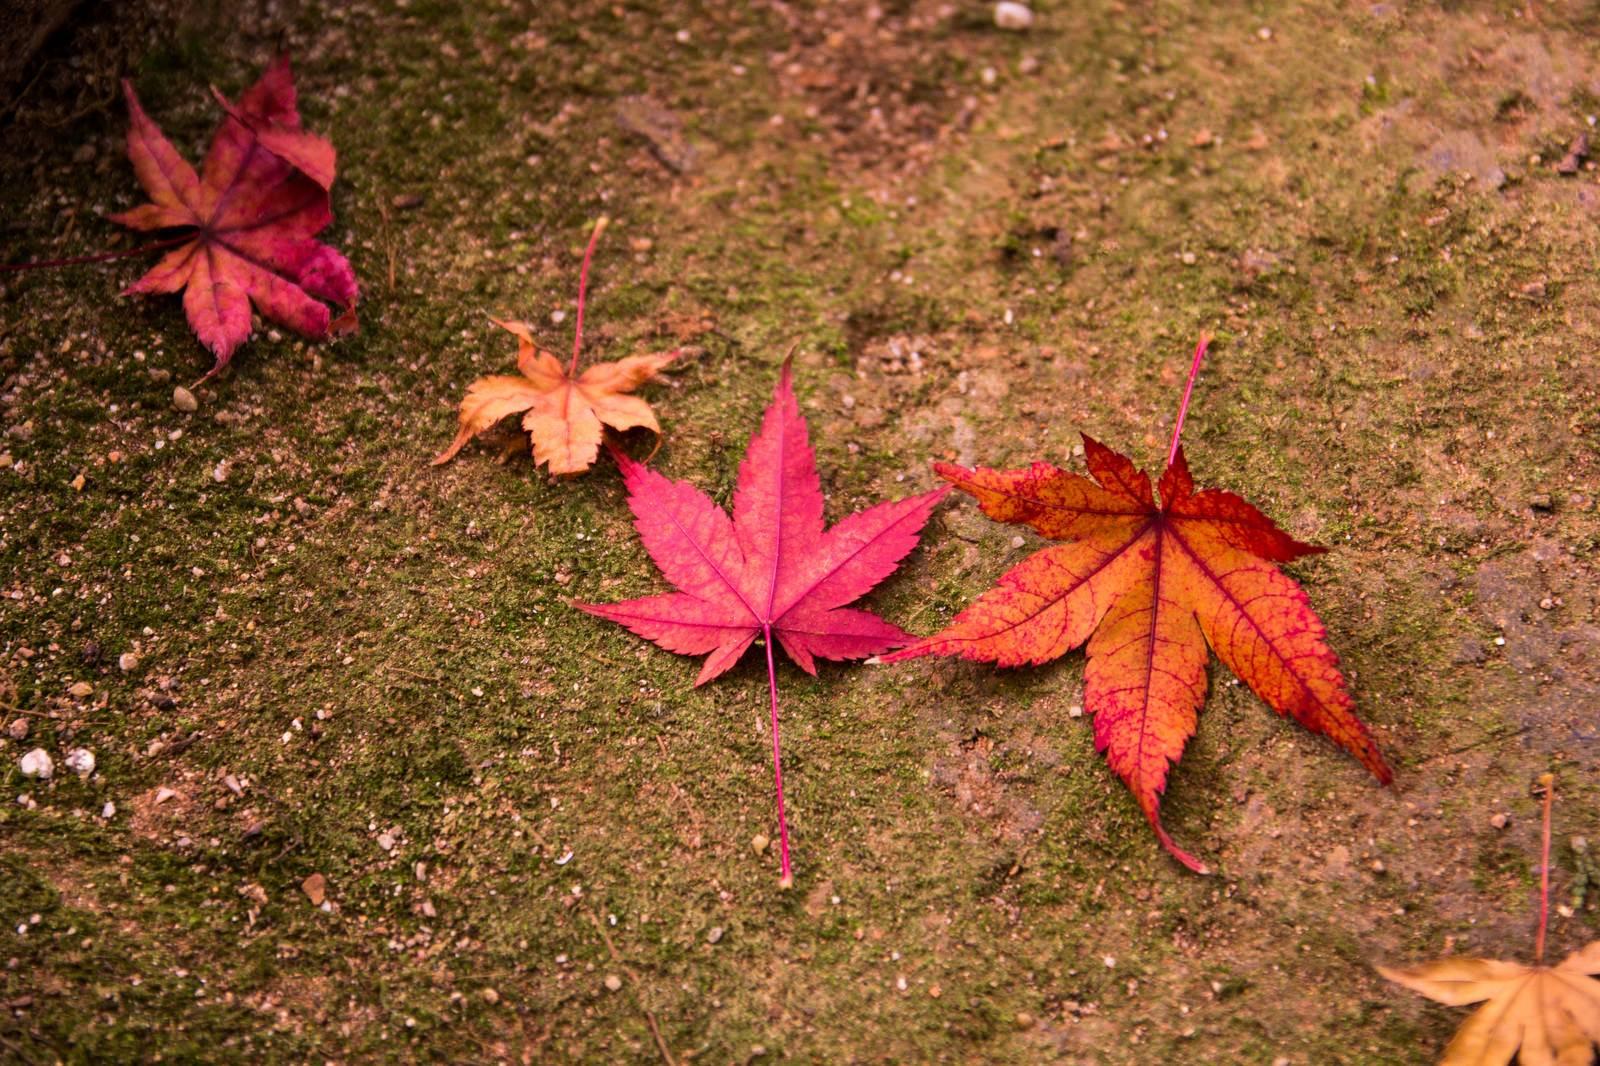 「紅葉した落ち葉」の写真